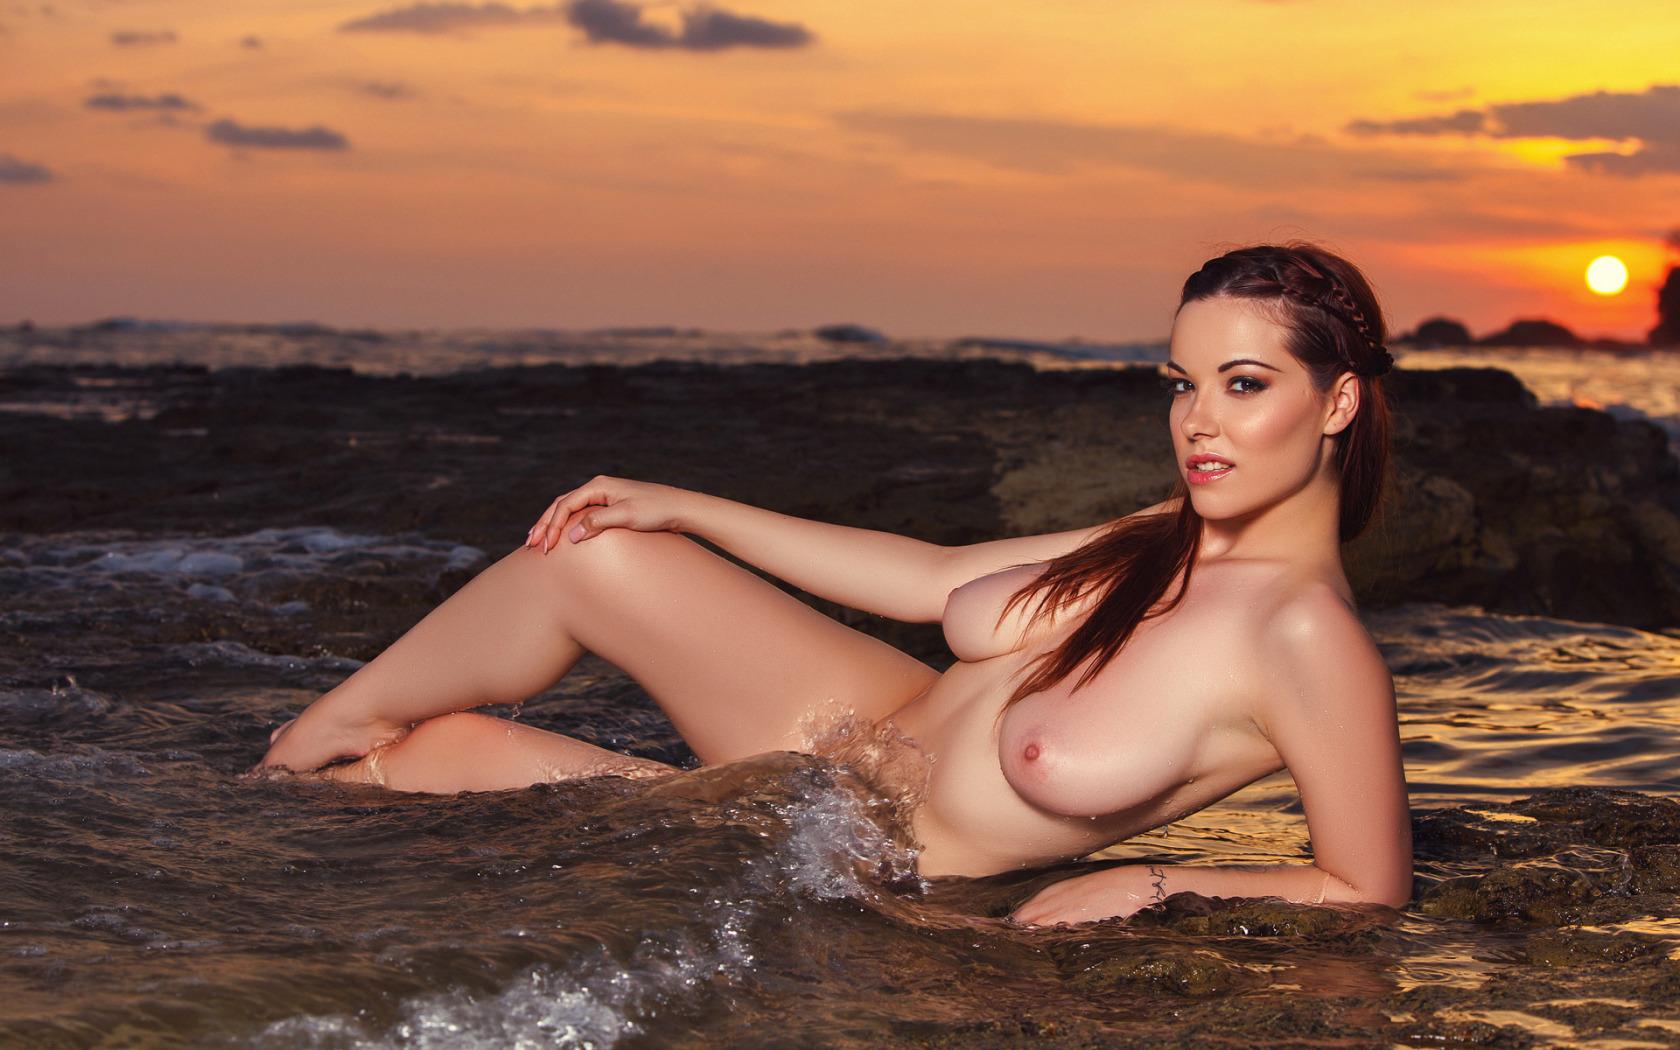 elizabeth-whitmere-nudes-girls-bollywood